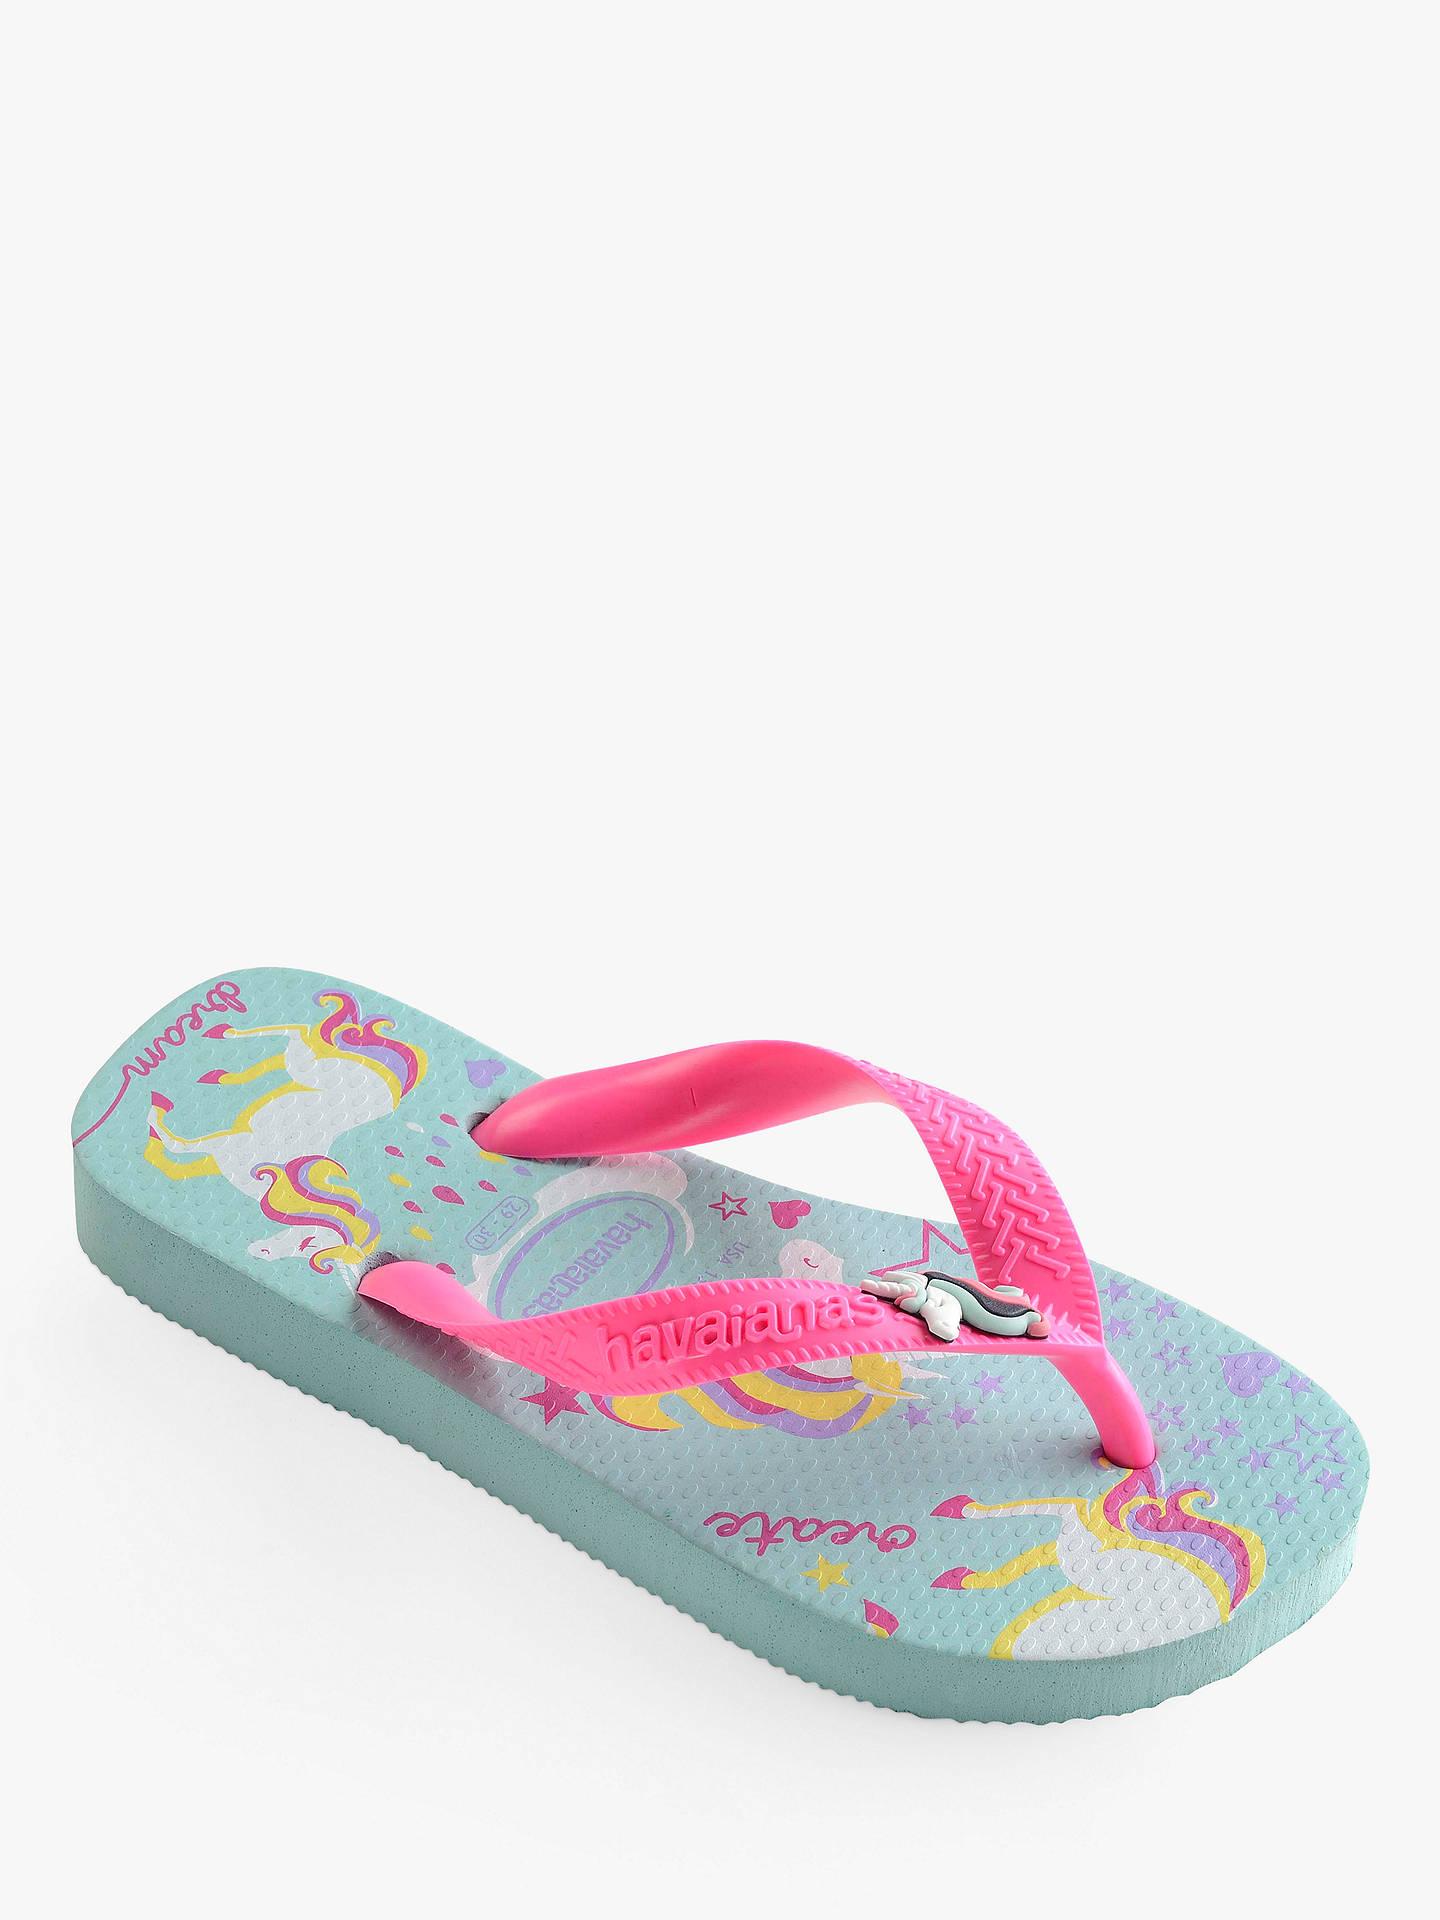 4048c3feb Buy Havaianas Children s Top Fantasy Unicorn Flip Flops